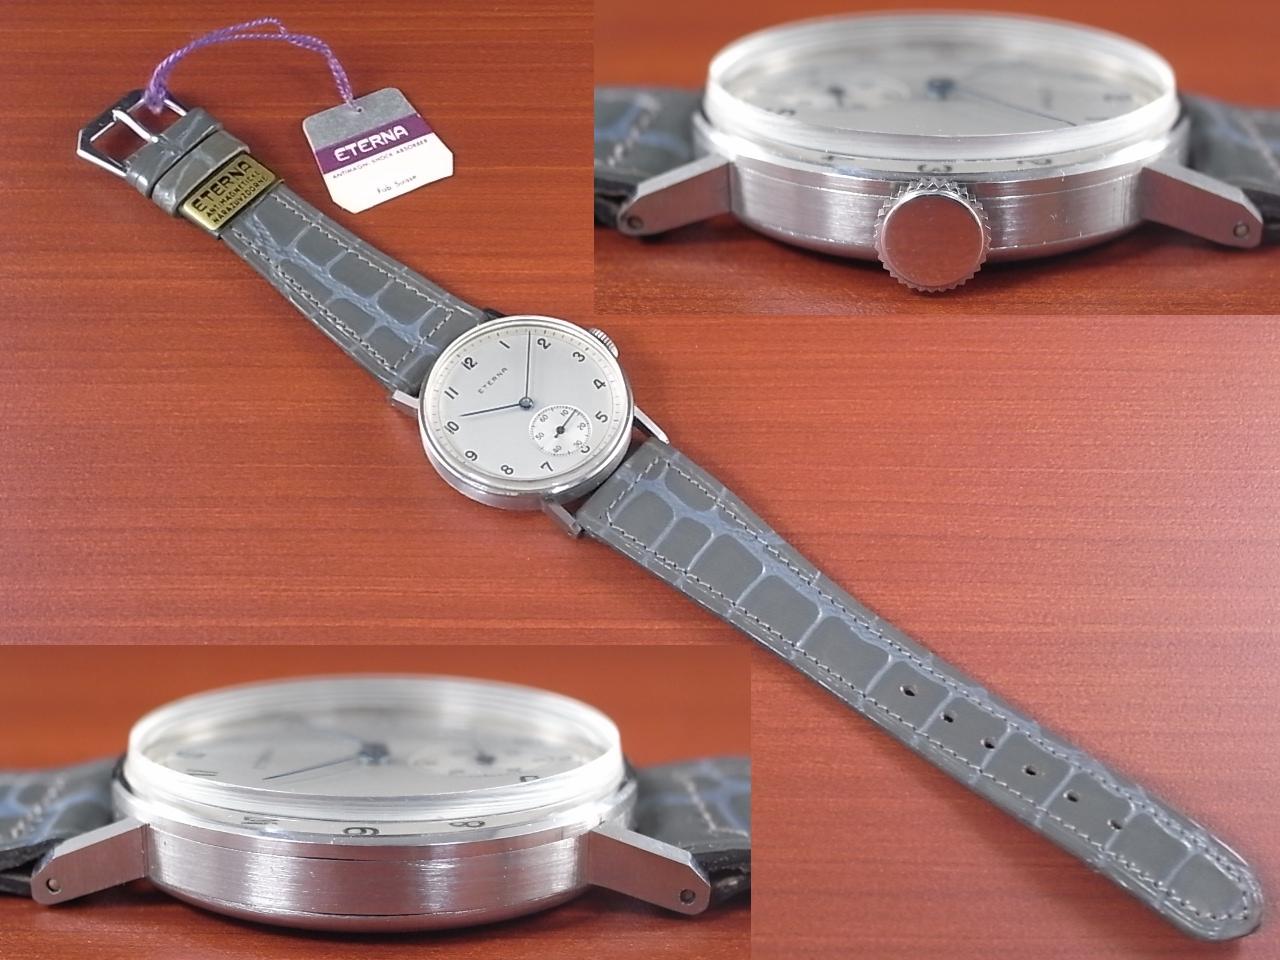 エテルナ シリンダーケース 未使用品 オリジナルベルト タグ付き 1940年代の写真3枚目